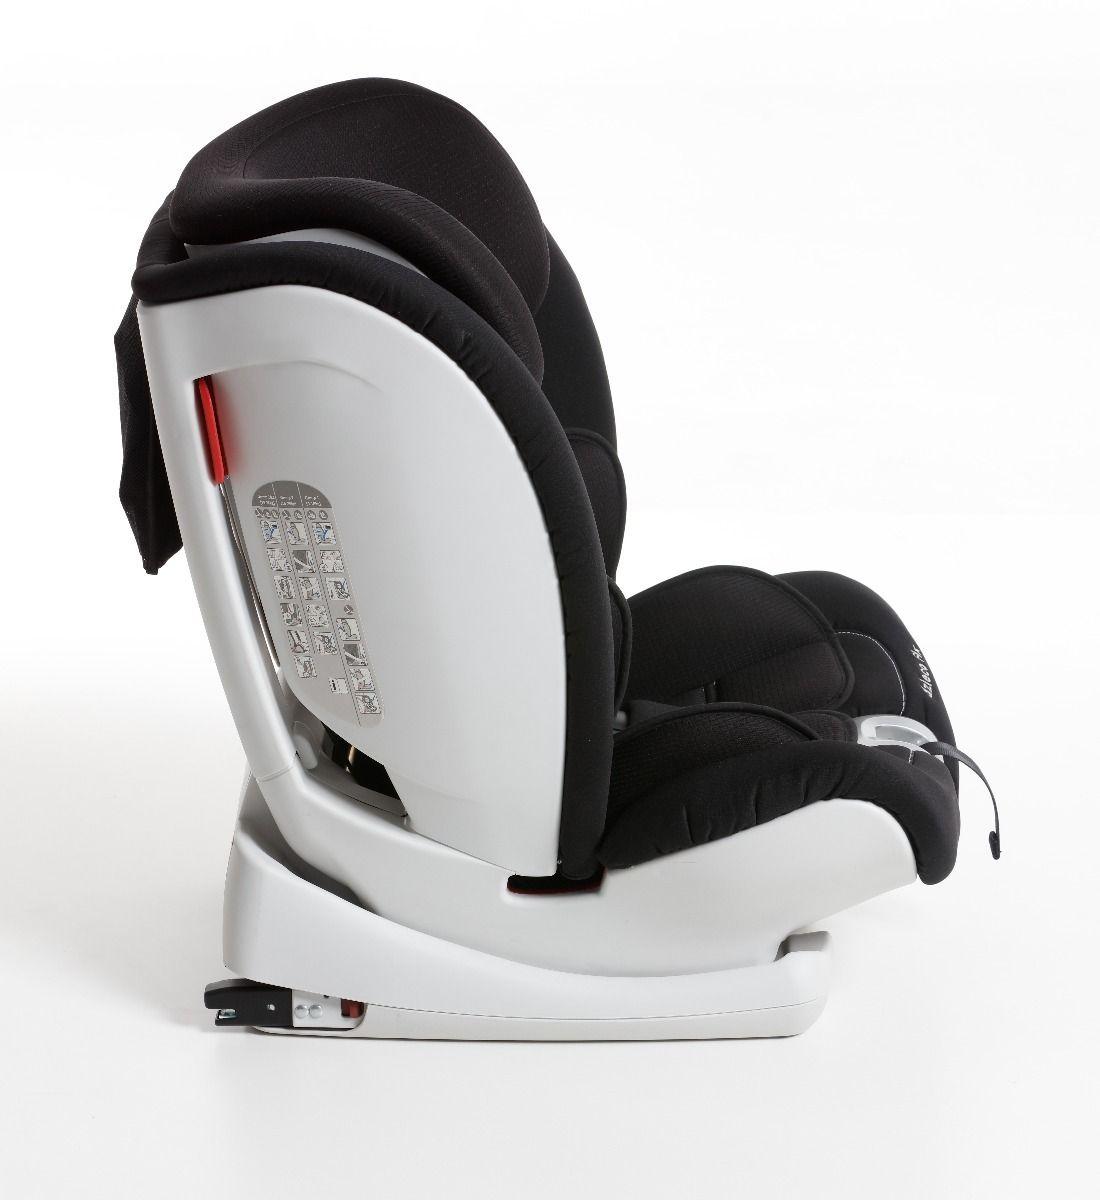 Cadeira Auto Isofix Dzieco Technofix Isofix 9 à 36Kg Preto